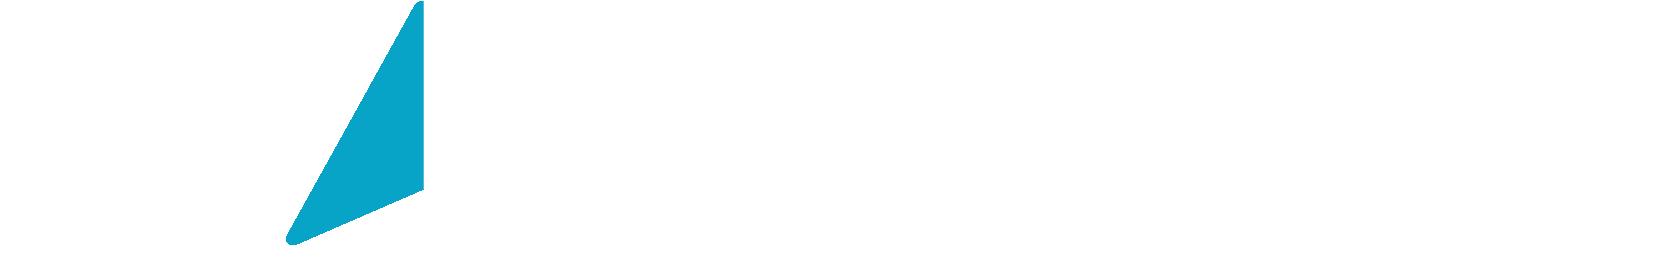 Logo blanco Hakuna Movilidad fondo transparente